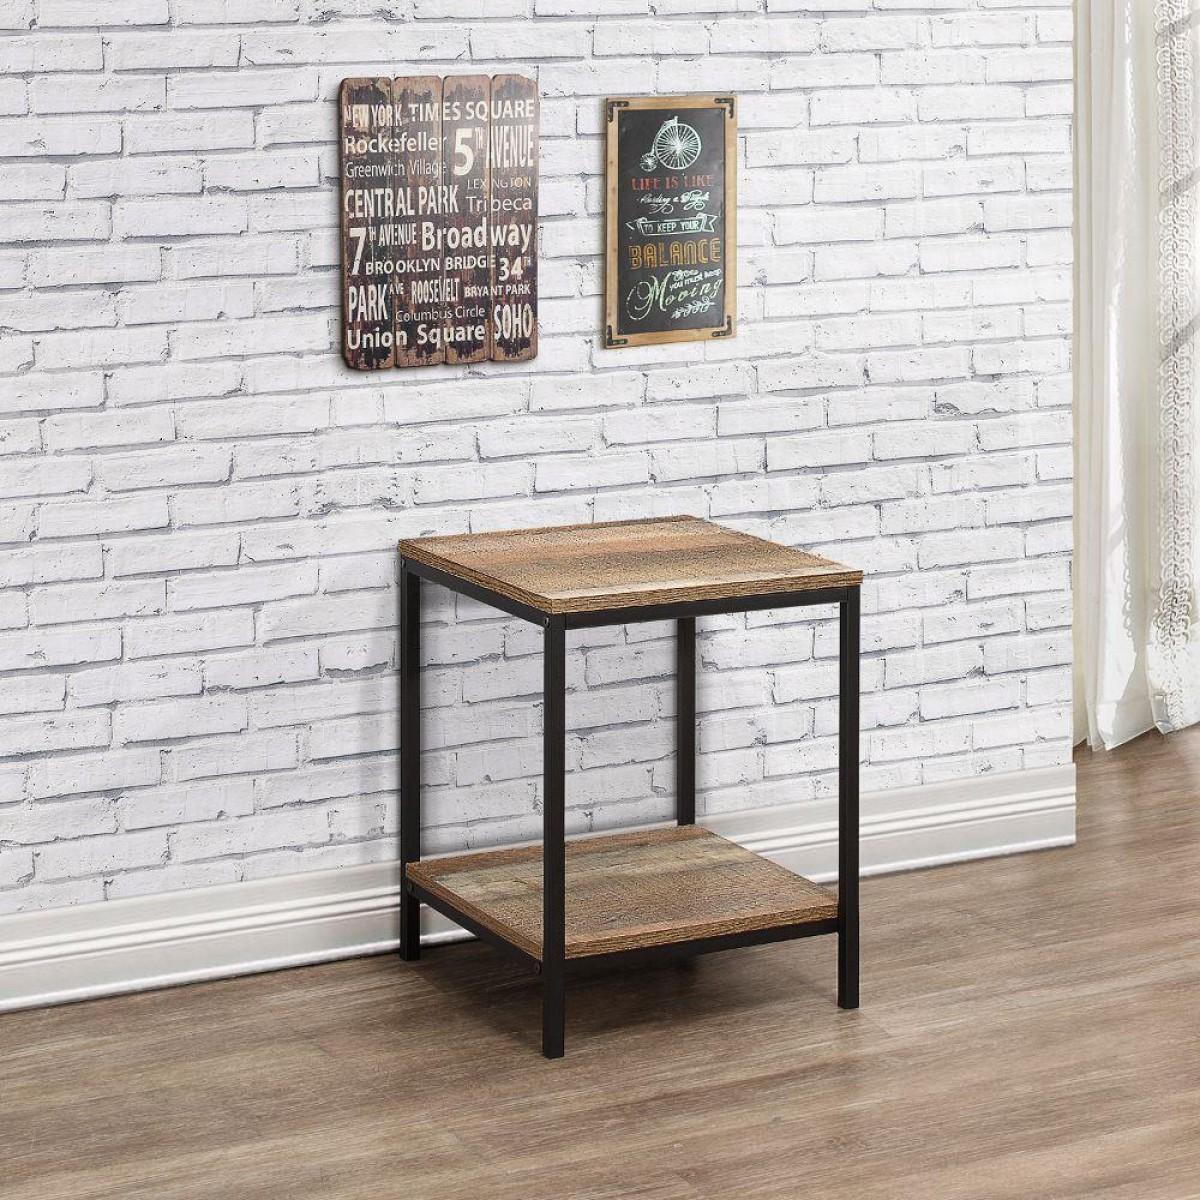 Urban Rustic Lamp Table